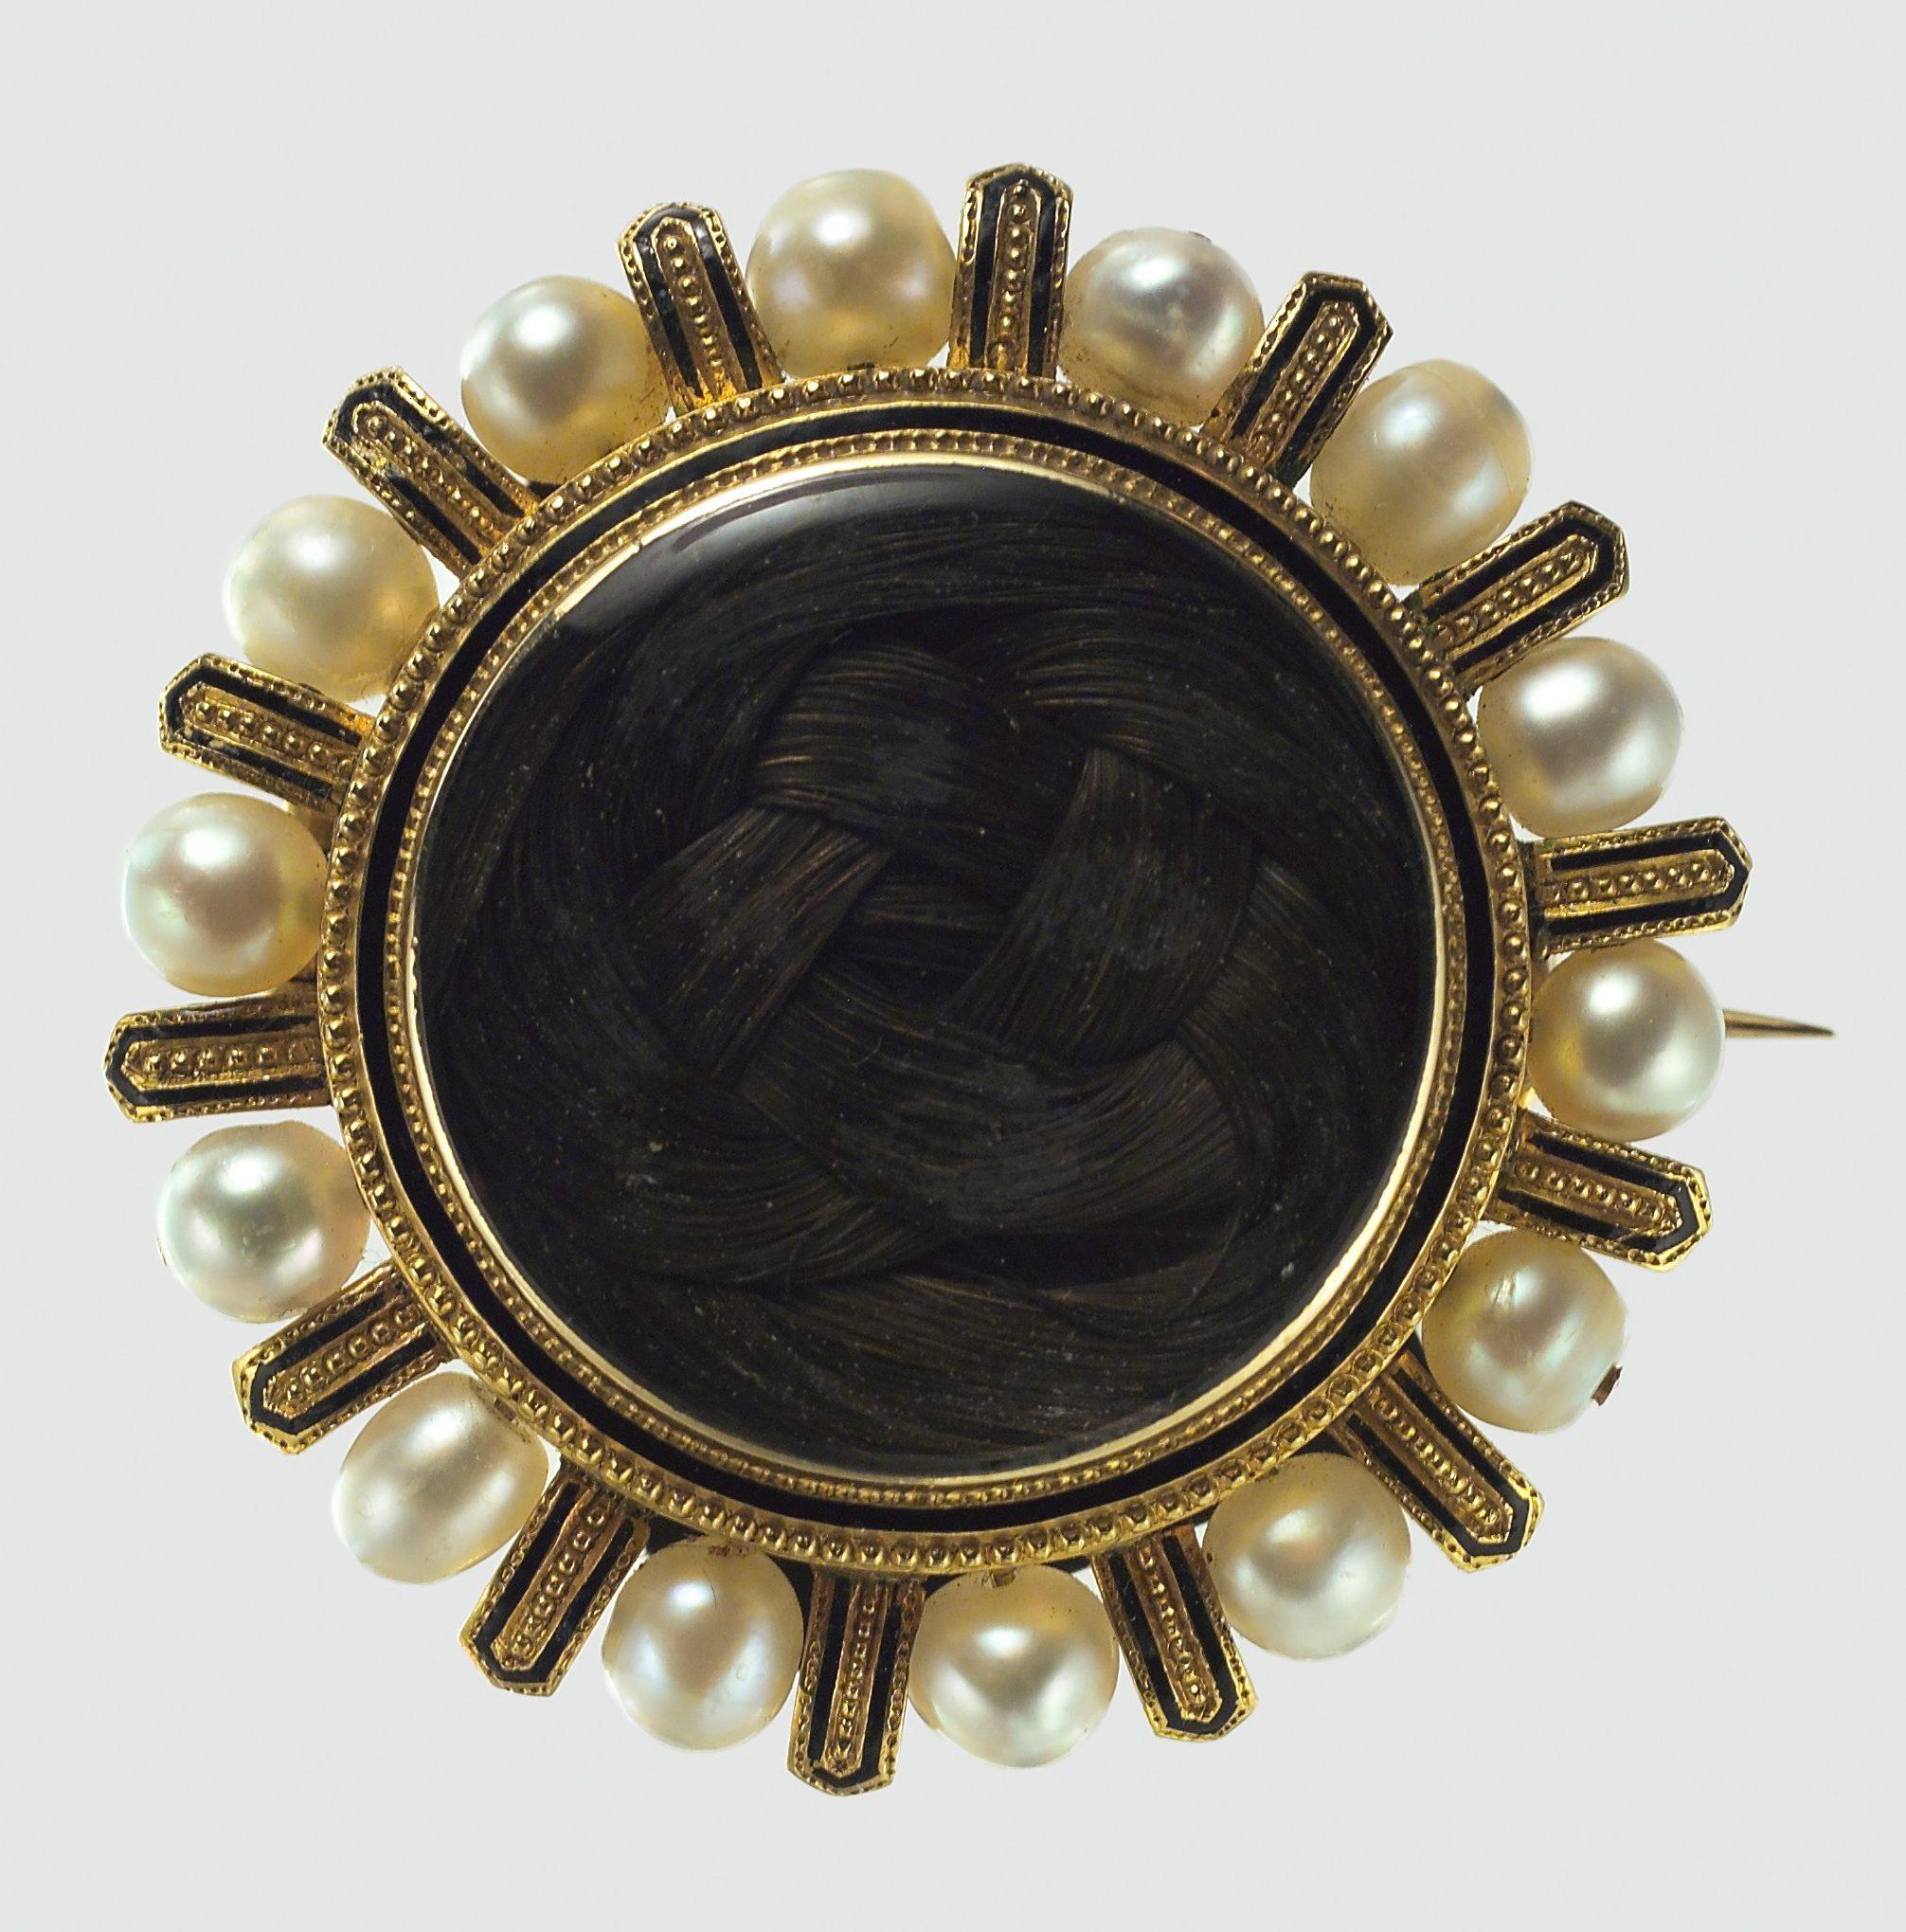 Broche, 1868. Collectie Metropolitan Museum of Art, 2000.556, goud, menselijk haar, email, parels